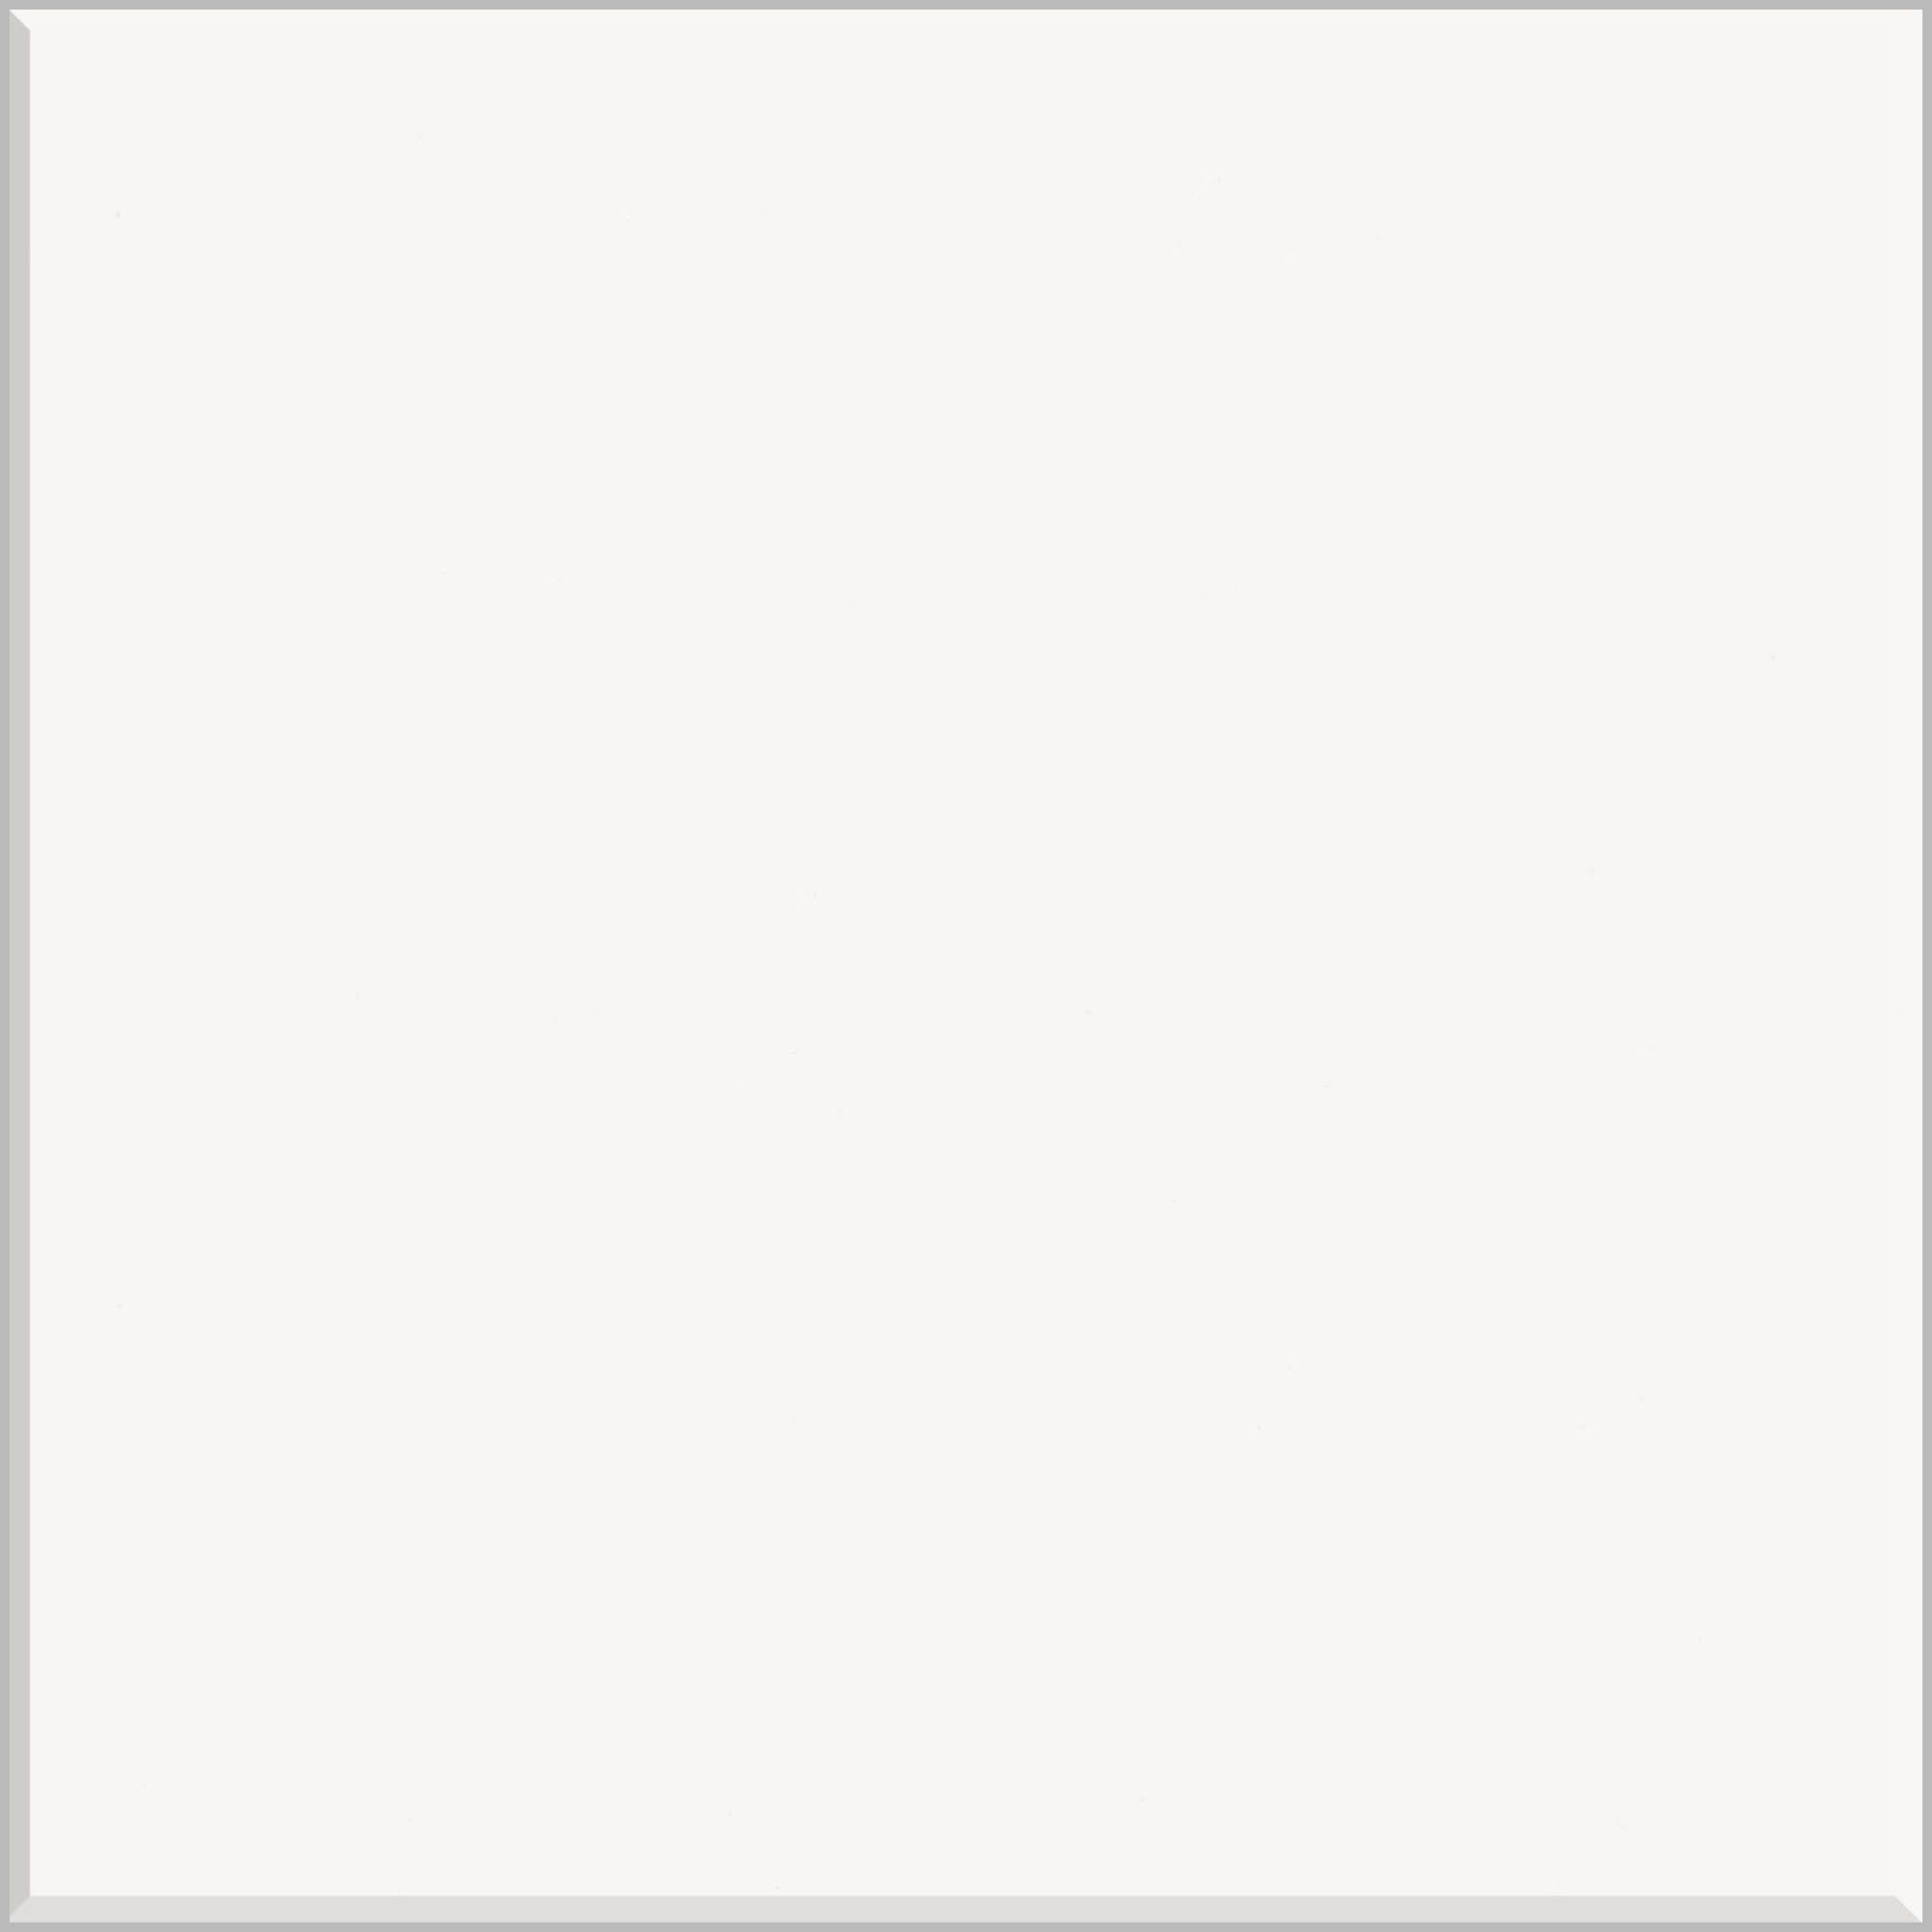 white floor tile texture. White Ceramic Texture Floor Tile